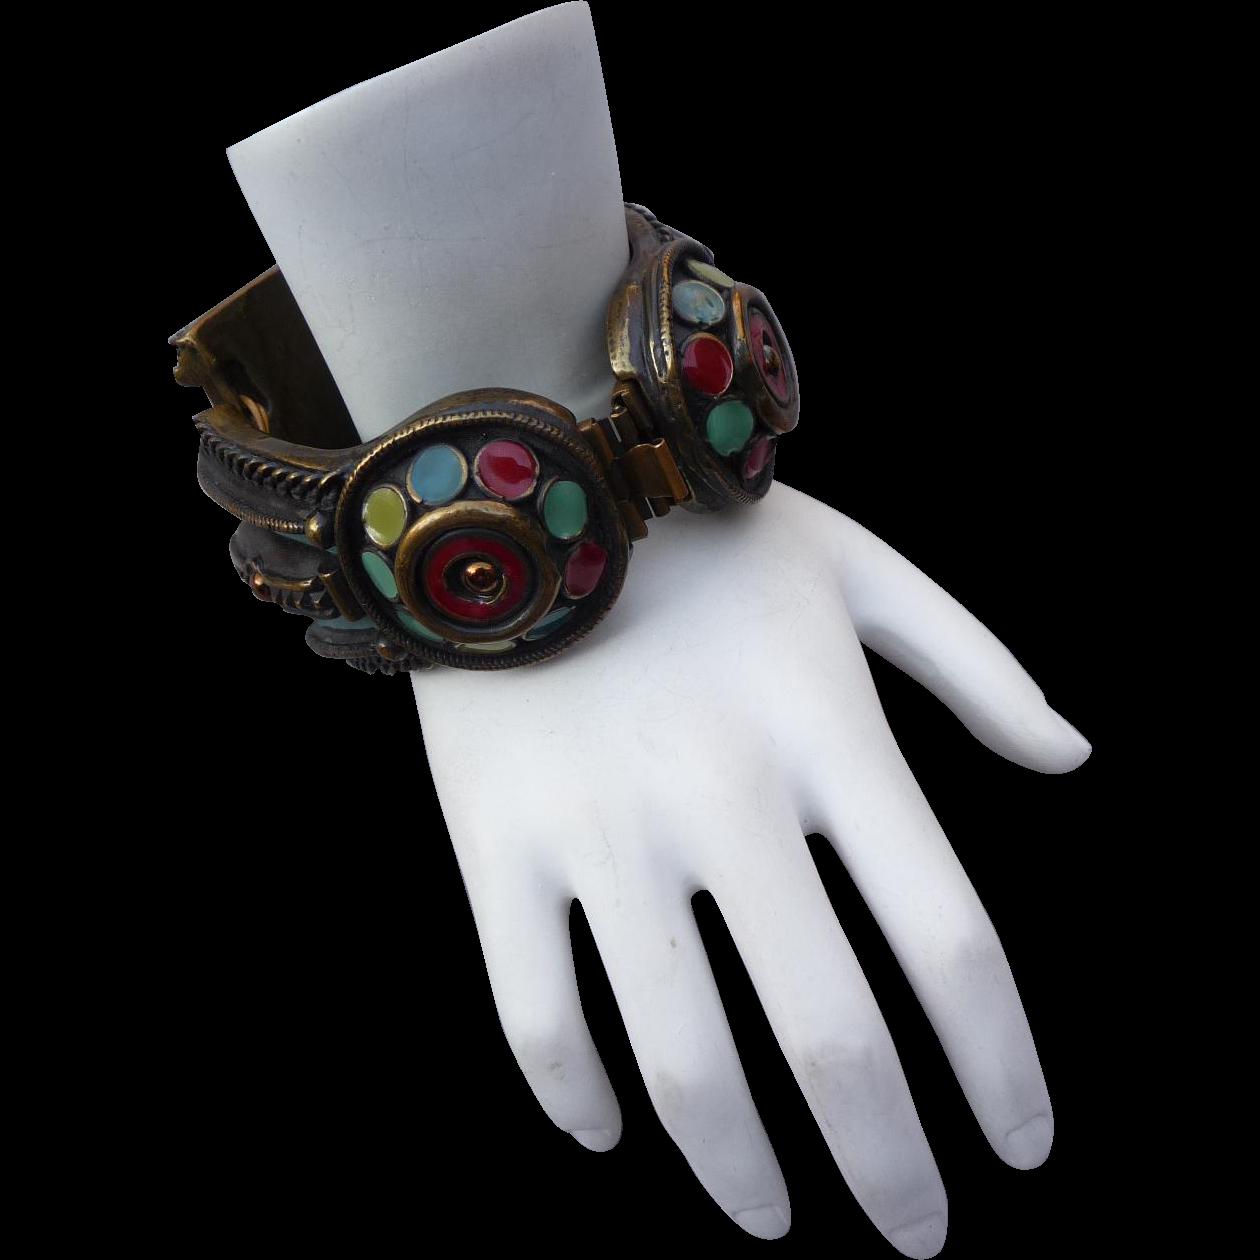 Vintage Jean-Paul Gaultier Enamel bracelet